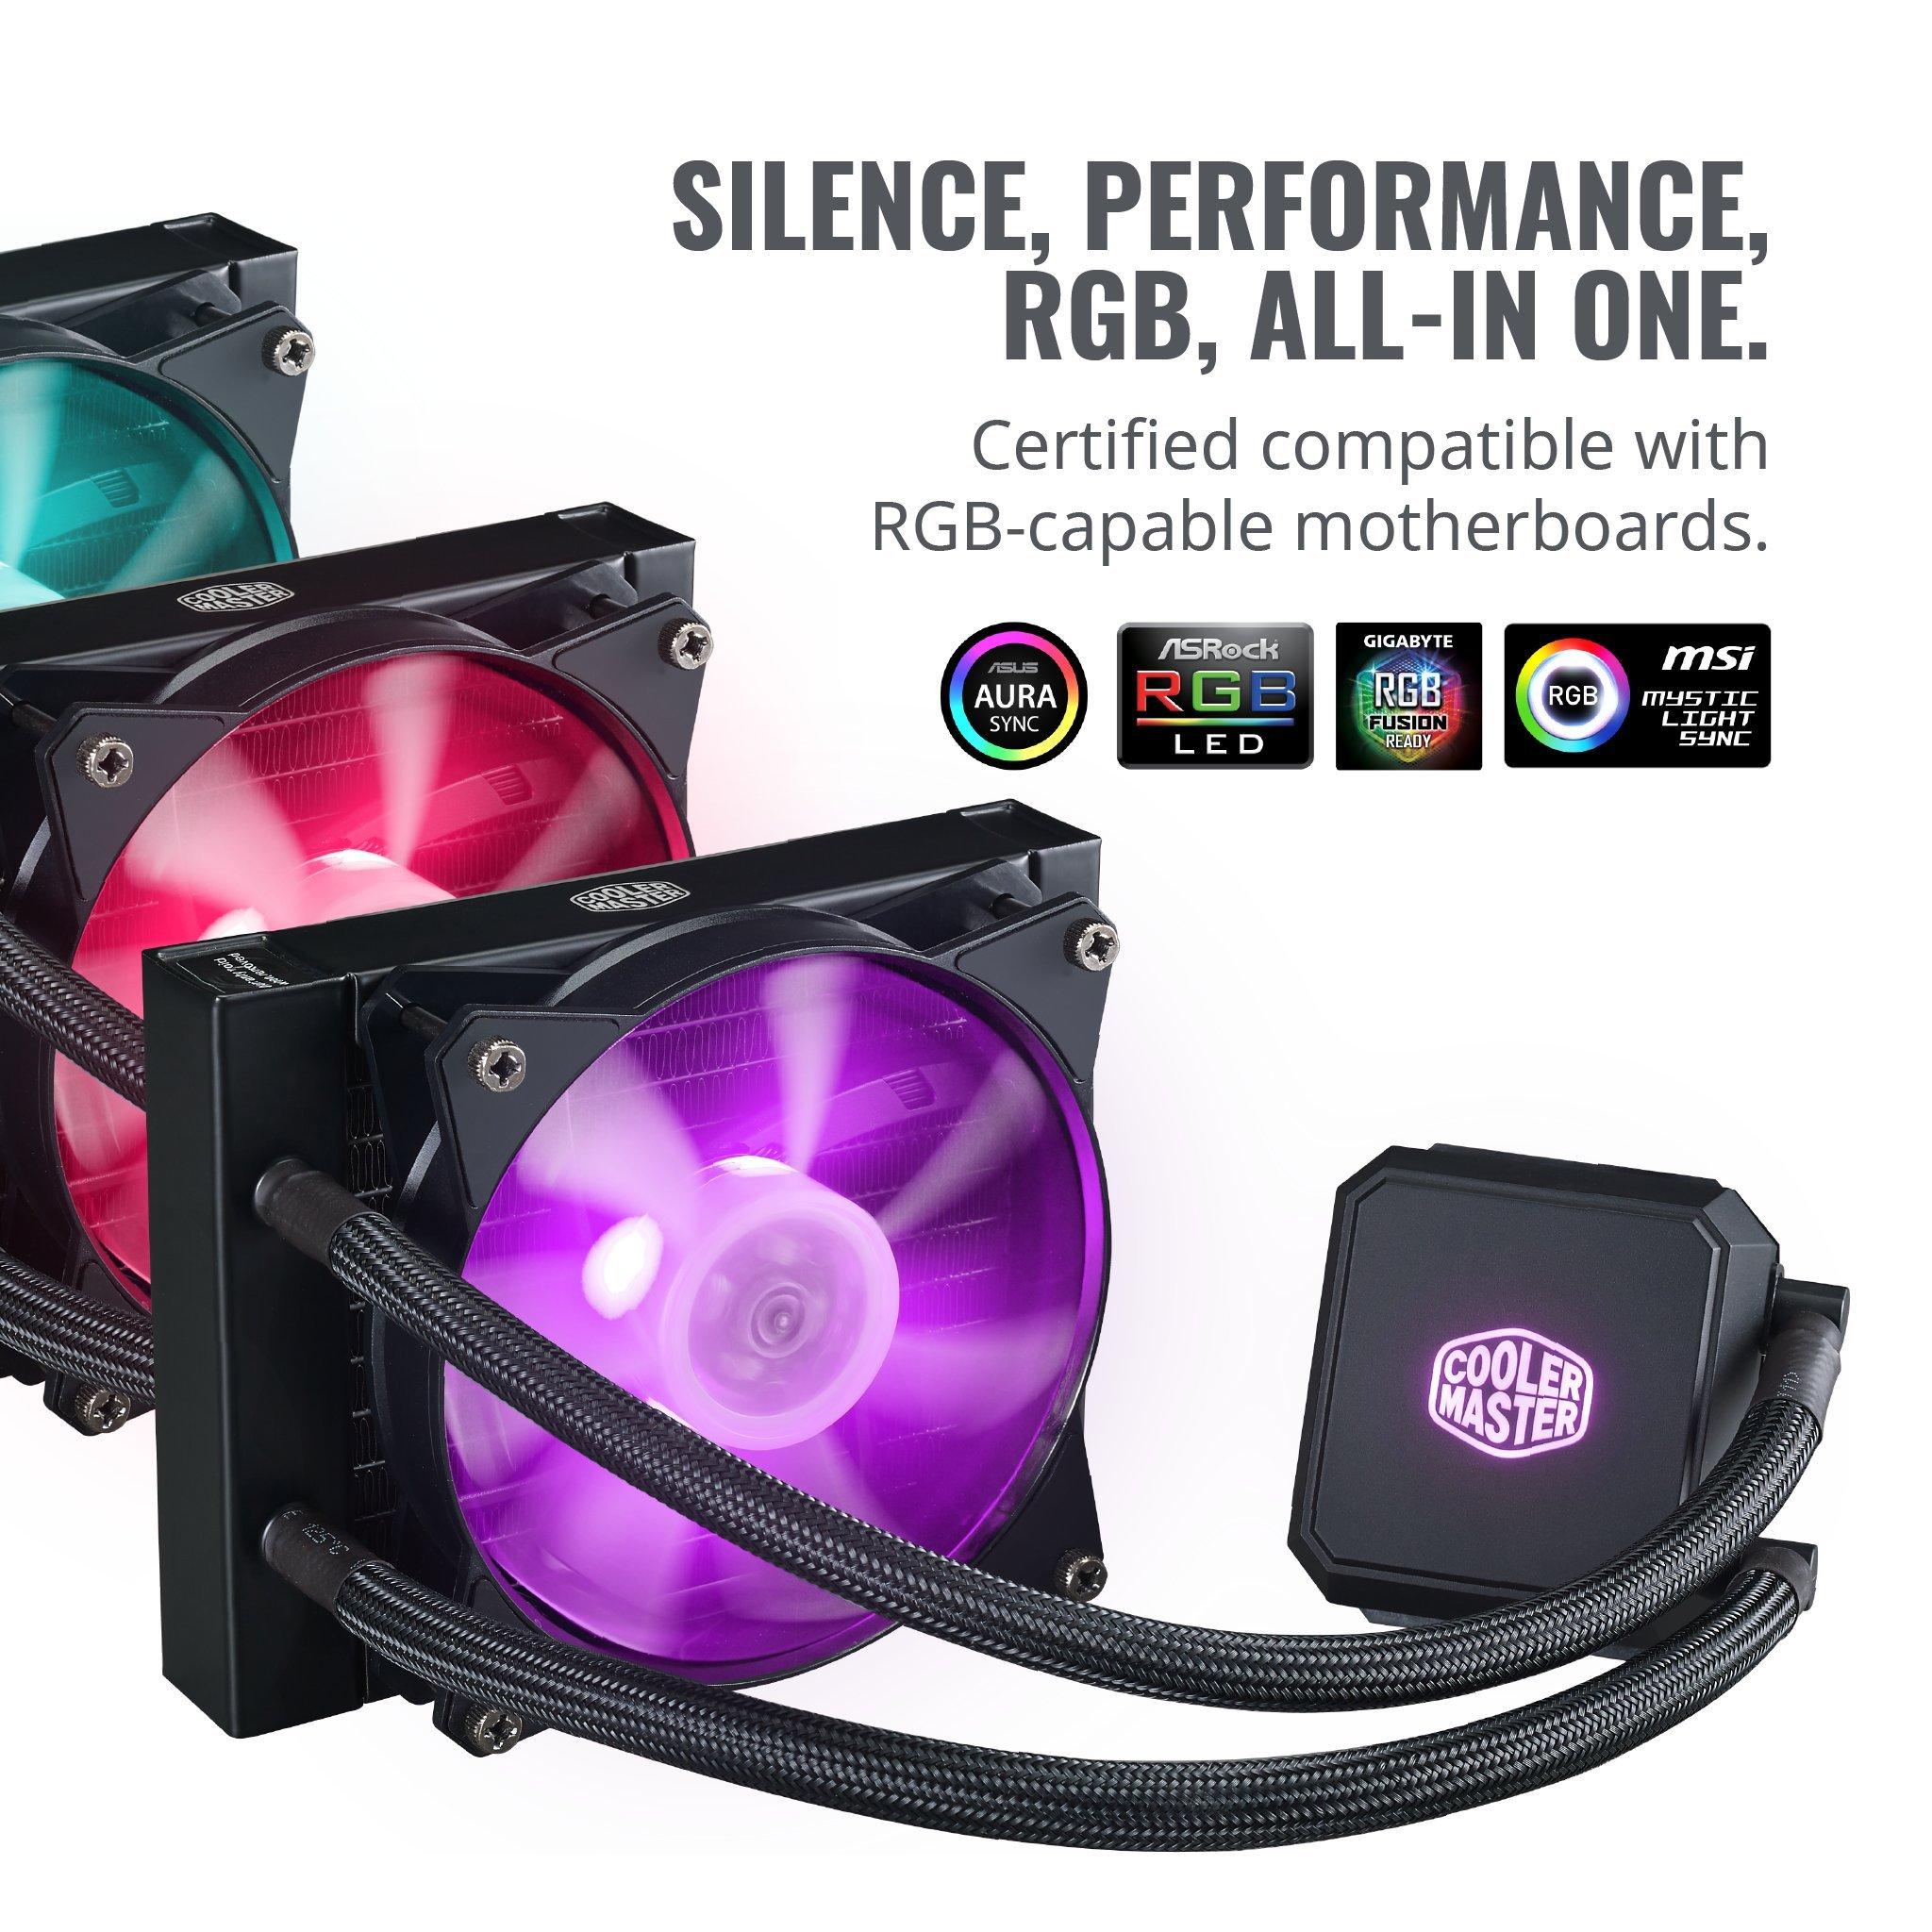 Cooler Master MasterLiquid LC120E RGB All-in-one CPU Liquid Cooler